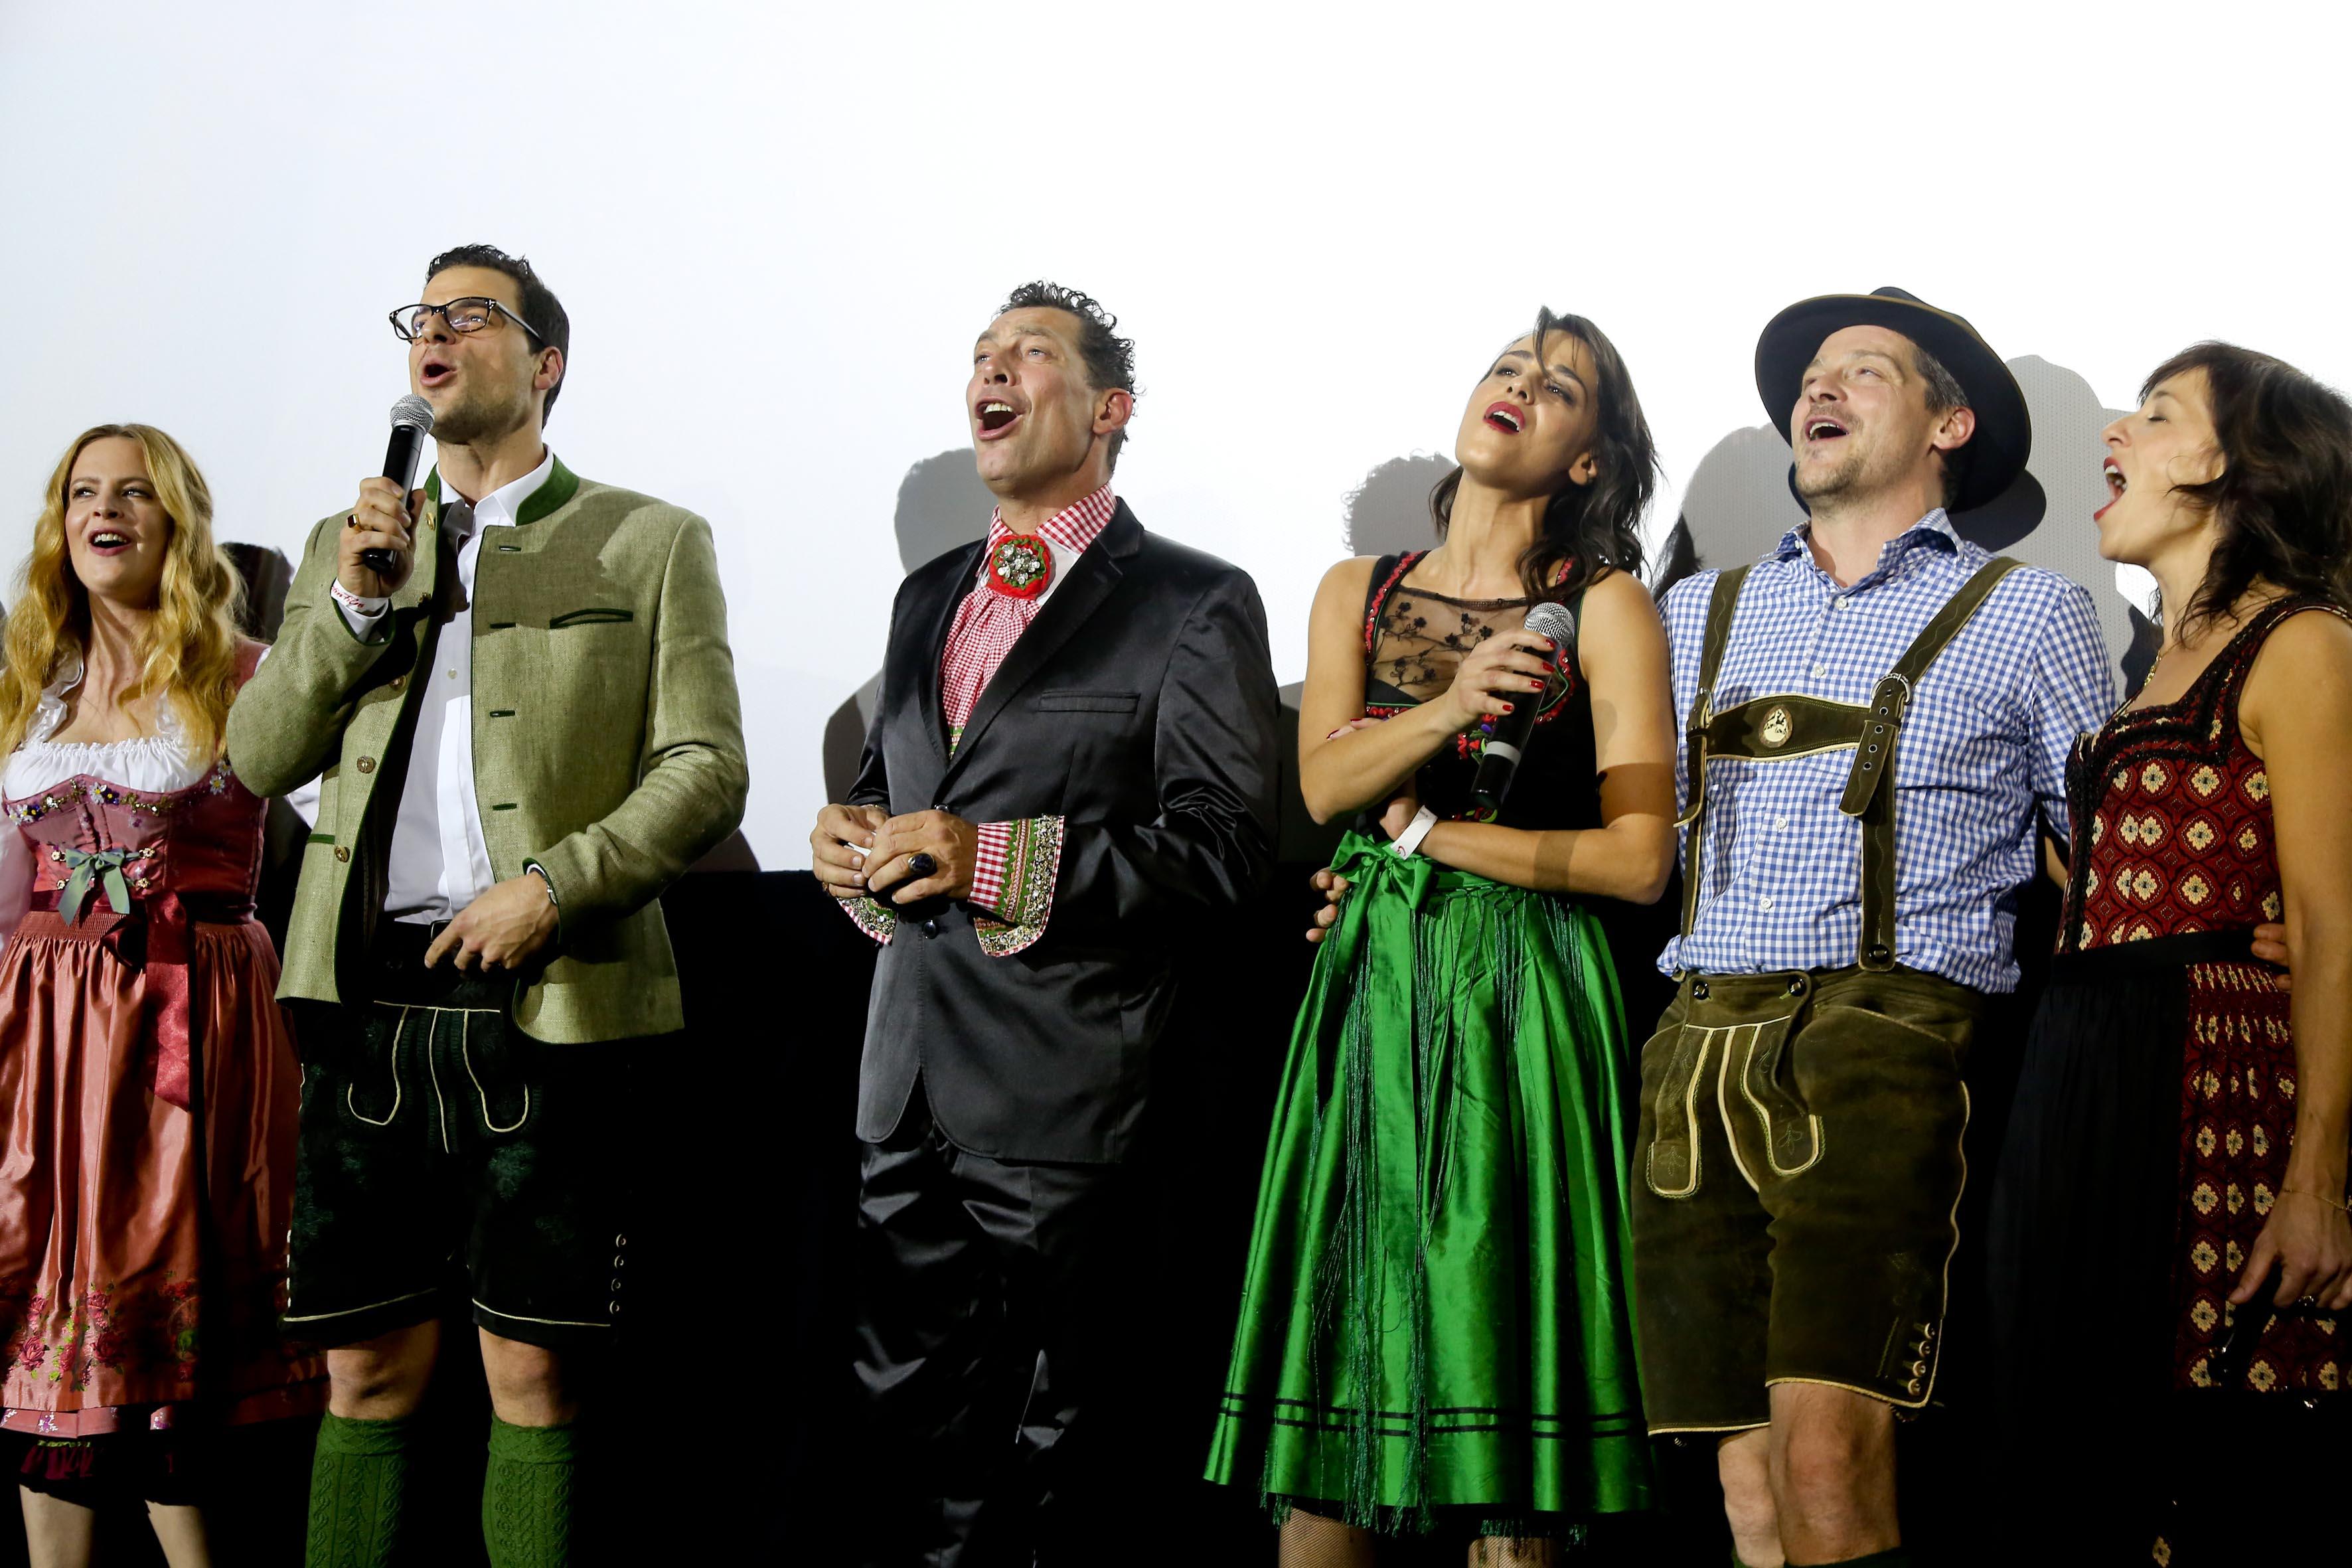 Diana Amft als Ottilie Tobias Licht als Dr. Otto Siedler, Gregor Bloeb als Sigismund Sülzheimer, Edita Malovcic als  Rösslwirtin Josepha, Fritz Karl als Leopold,  Julia  Cencig